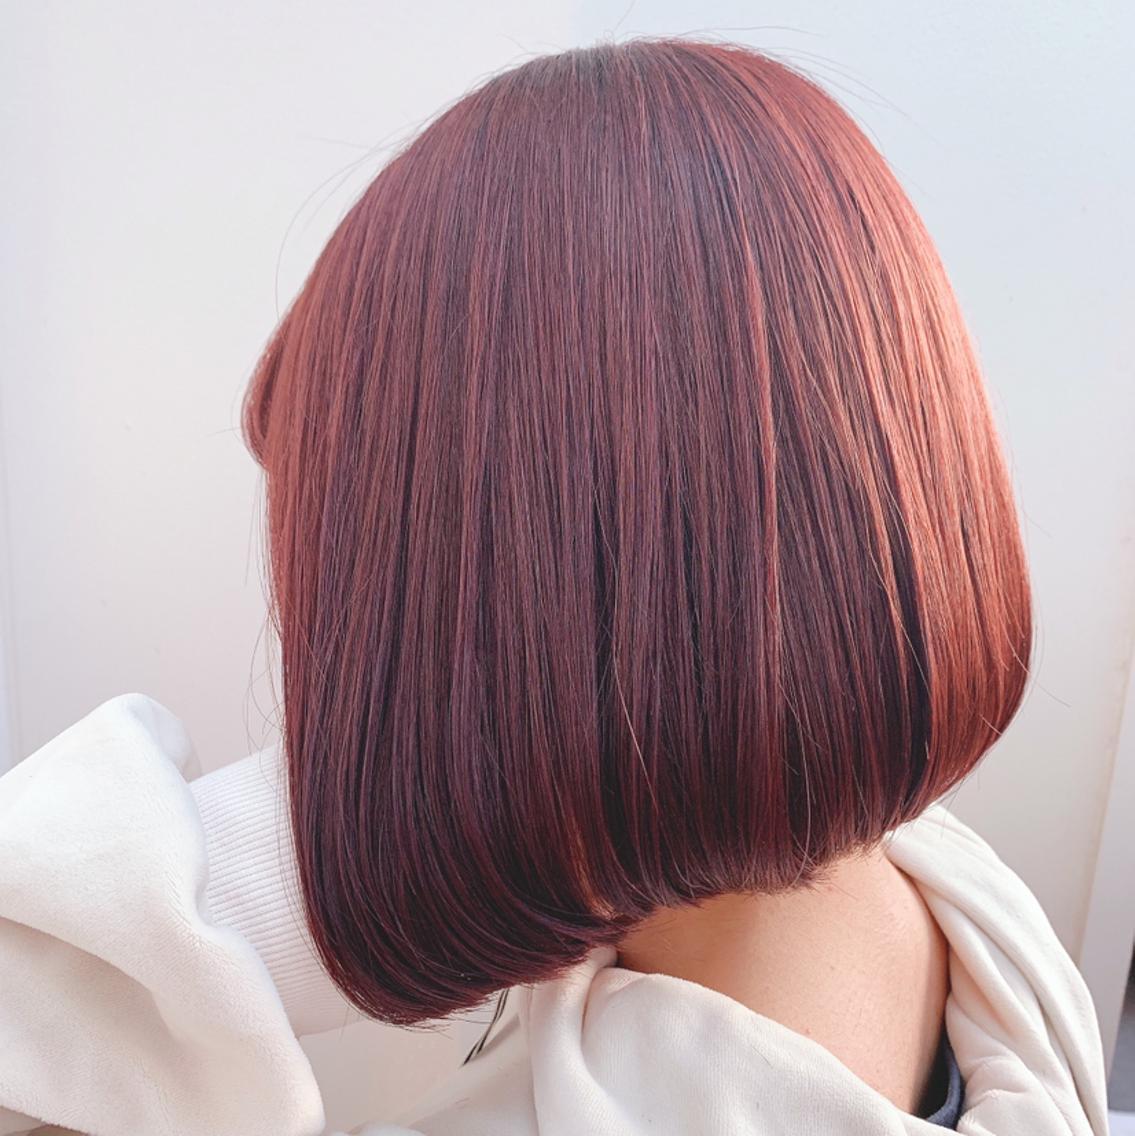 hair'sはれるや所属・みやまゆいの掲載